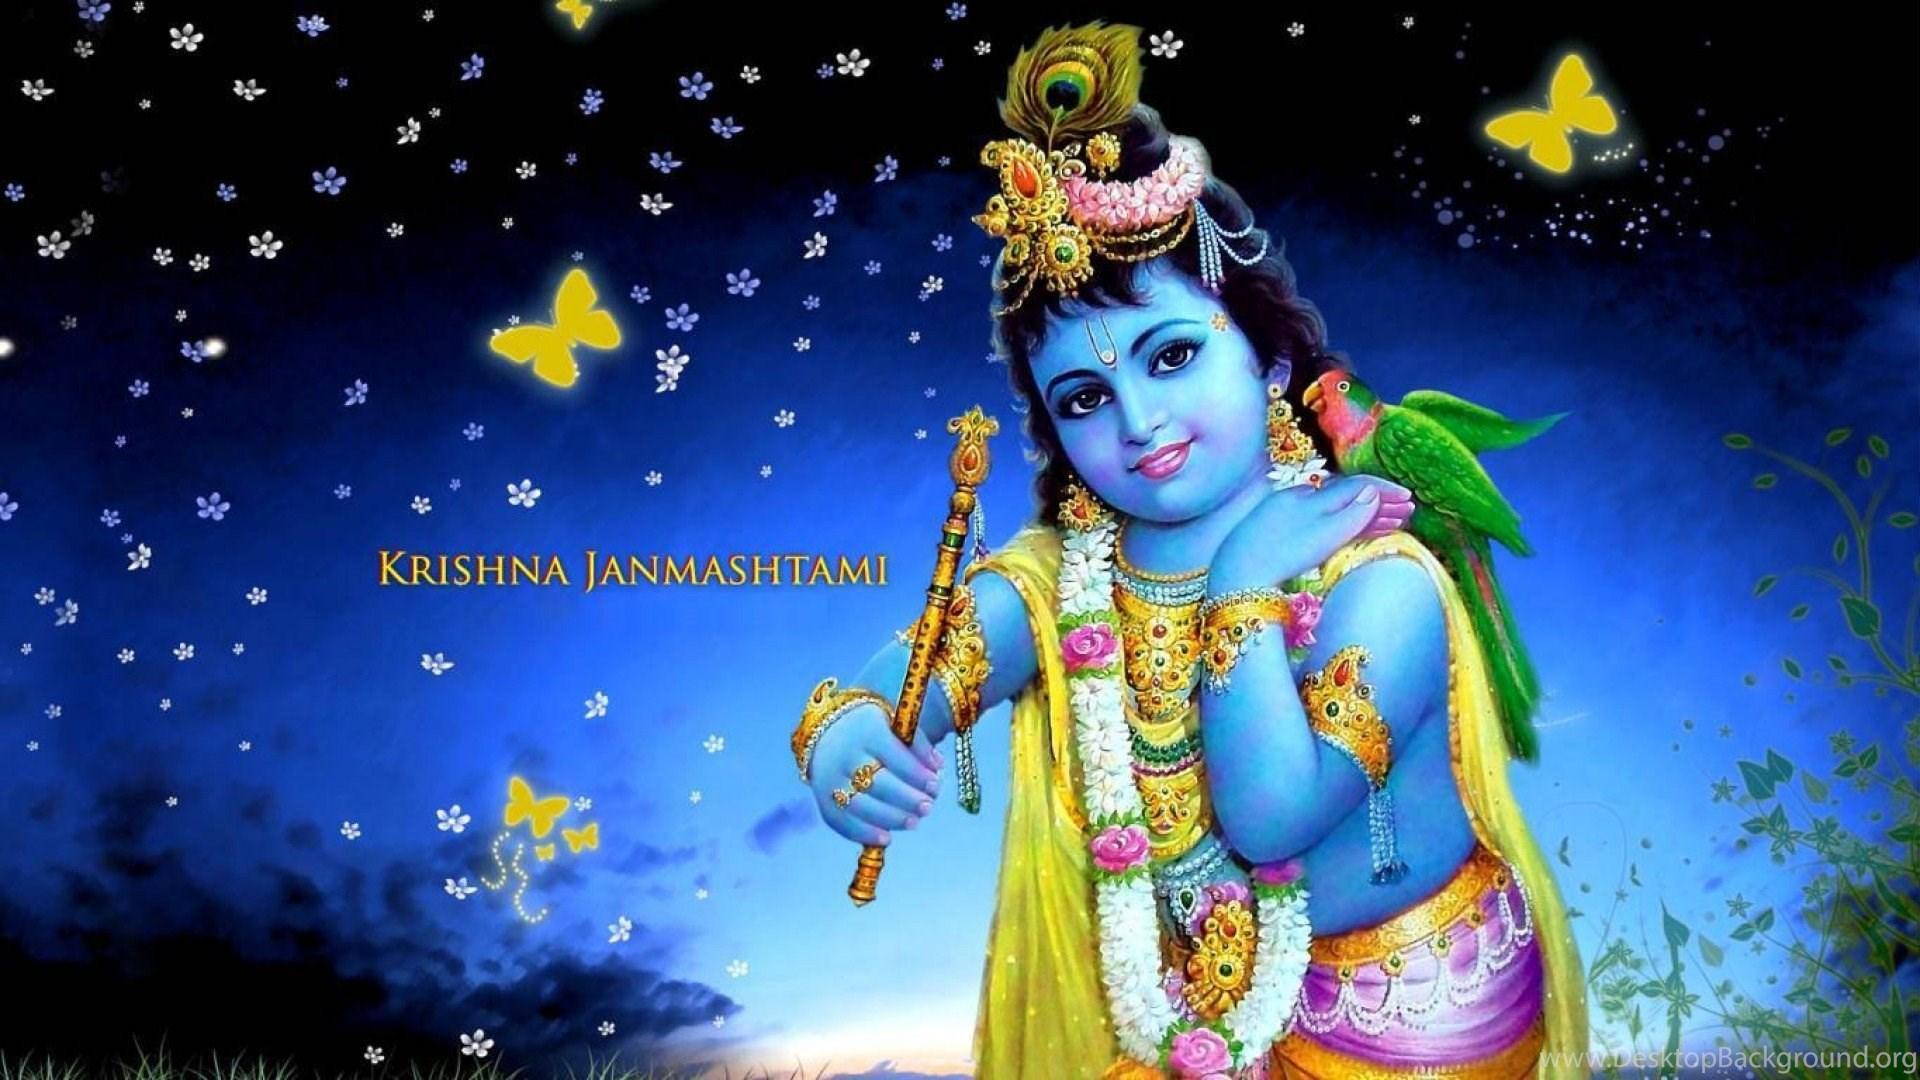 Lord Krishna Background - Ultra Hd Krishna Images Hd - HD Wallpaper